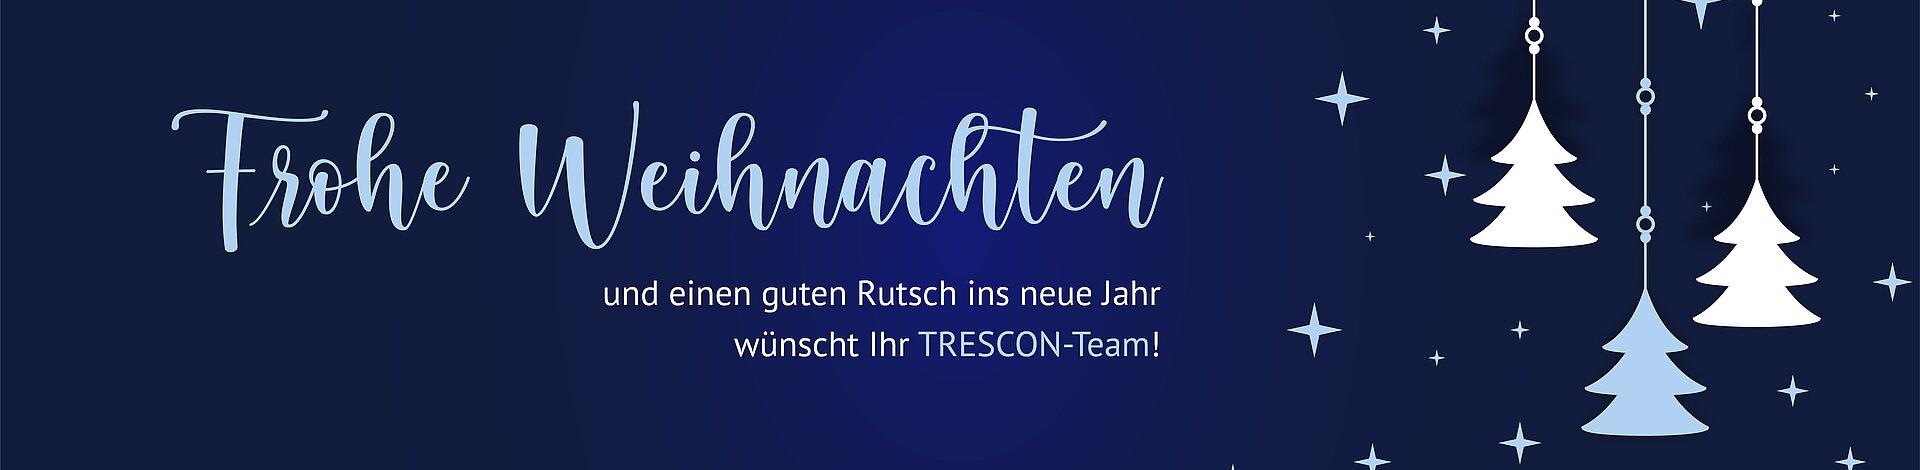 [Translate to English:] TRESCON Weihnachten